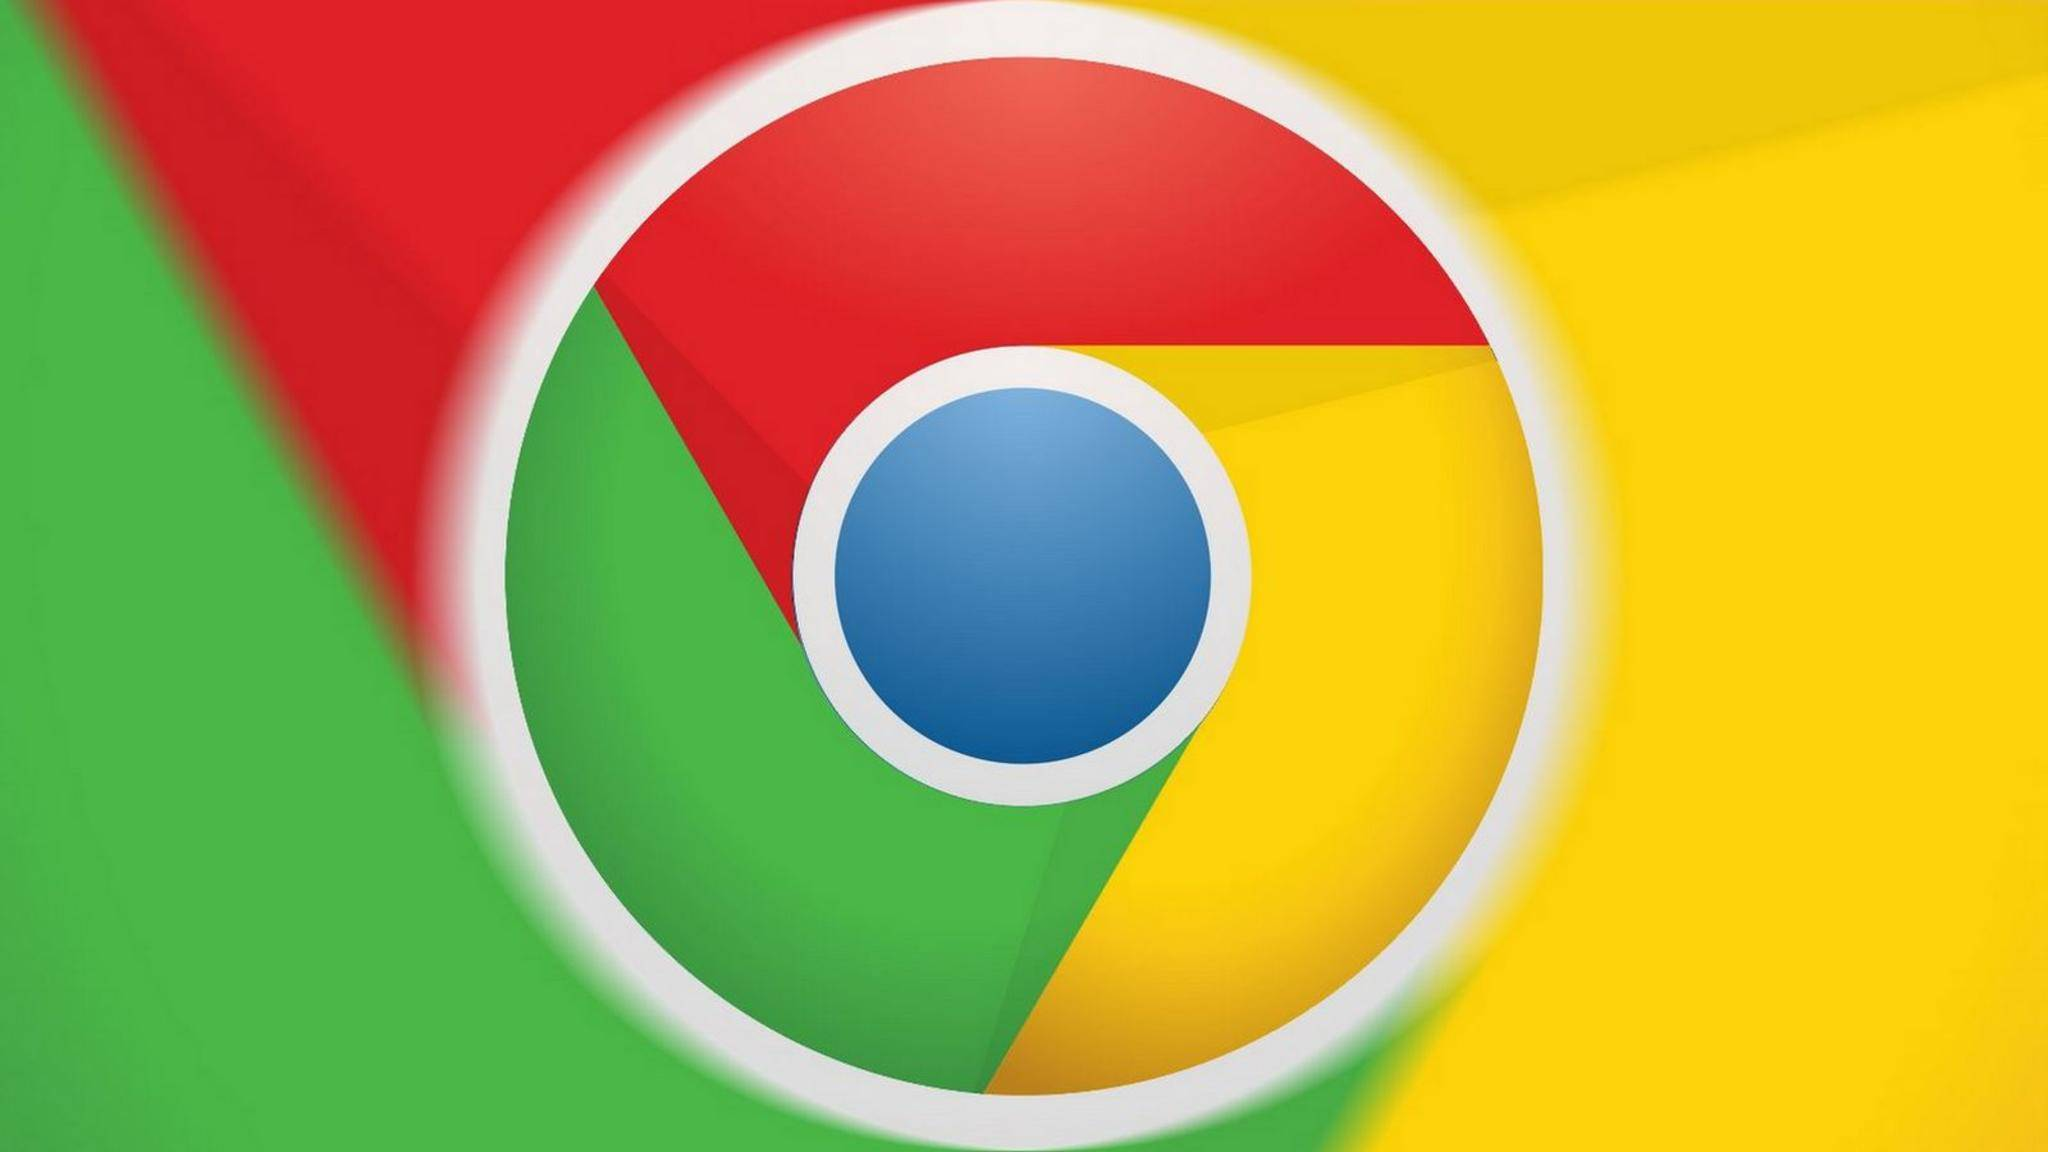 Die Performance von Chrome könnte unter den neuesten Patches leiden.